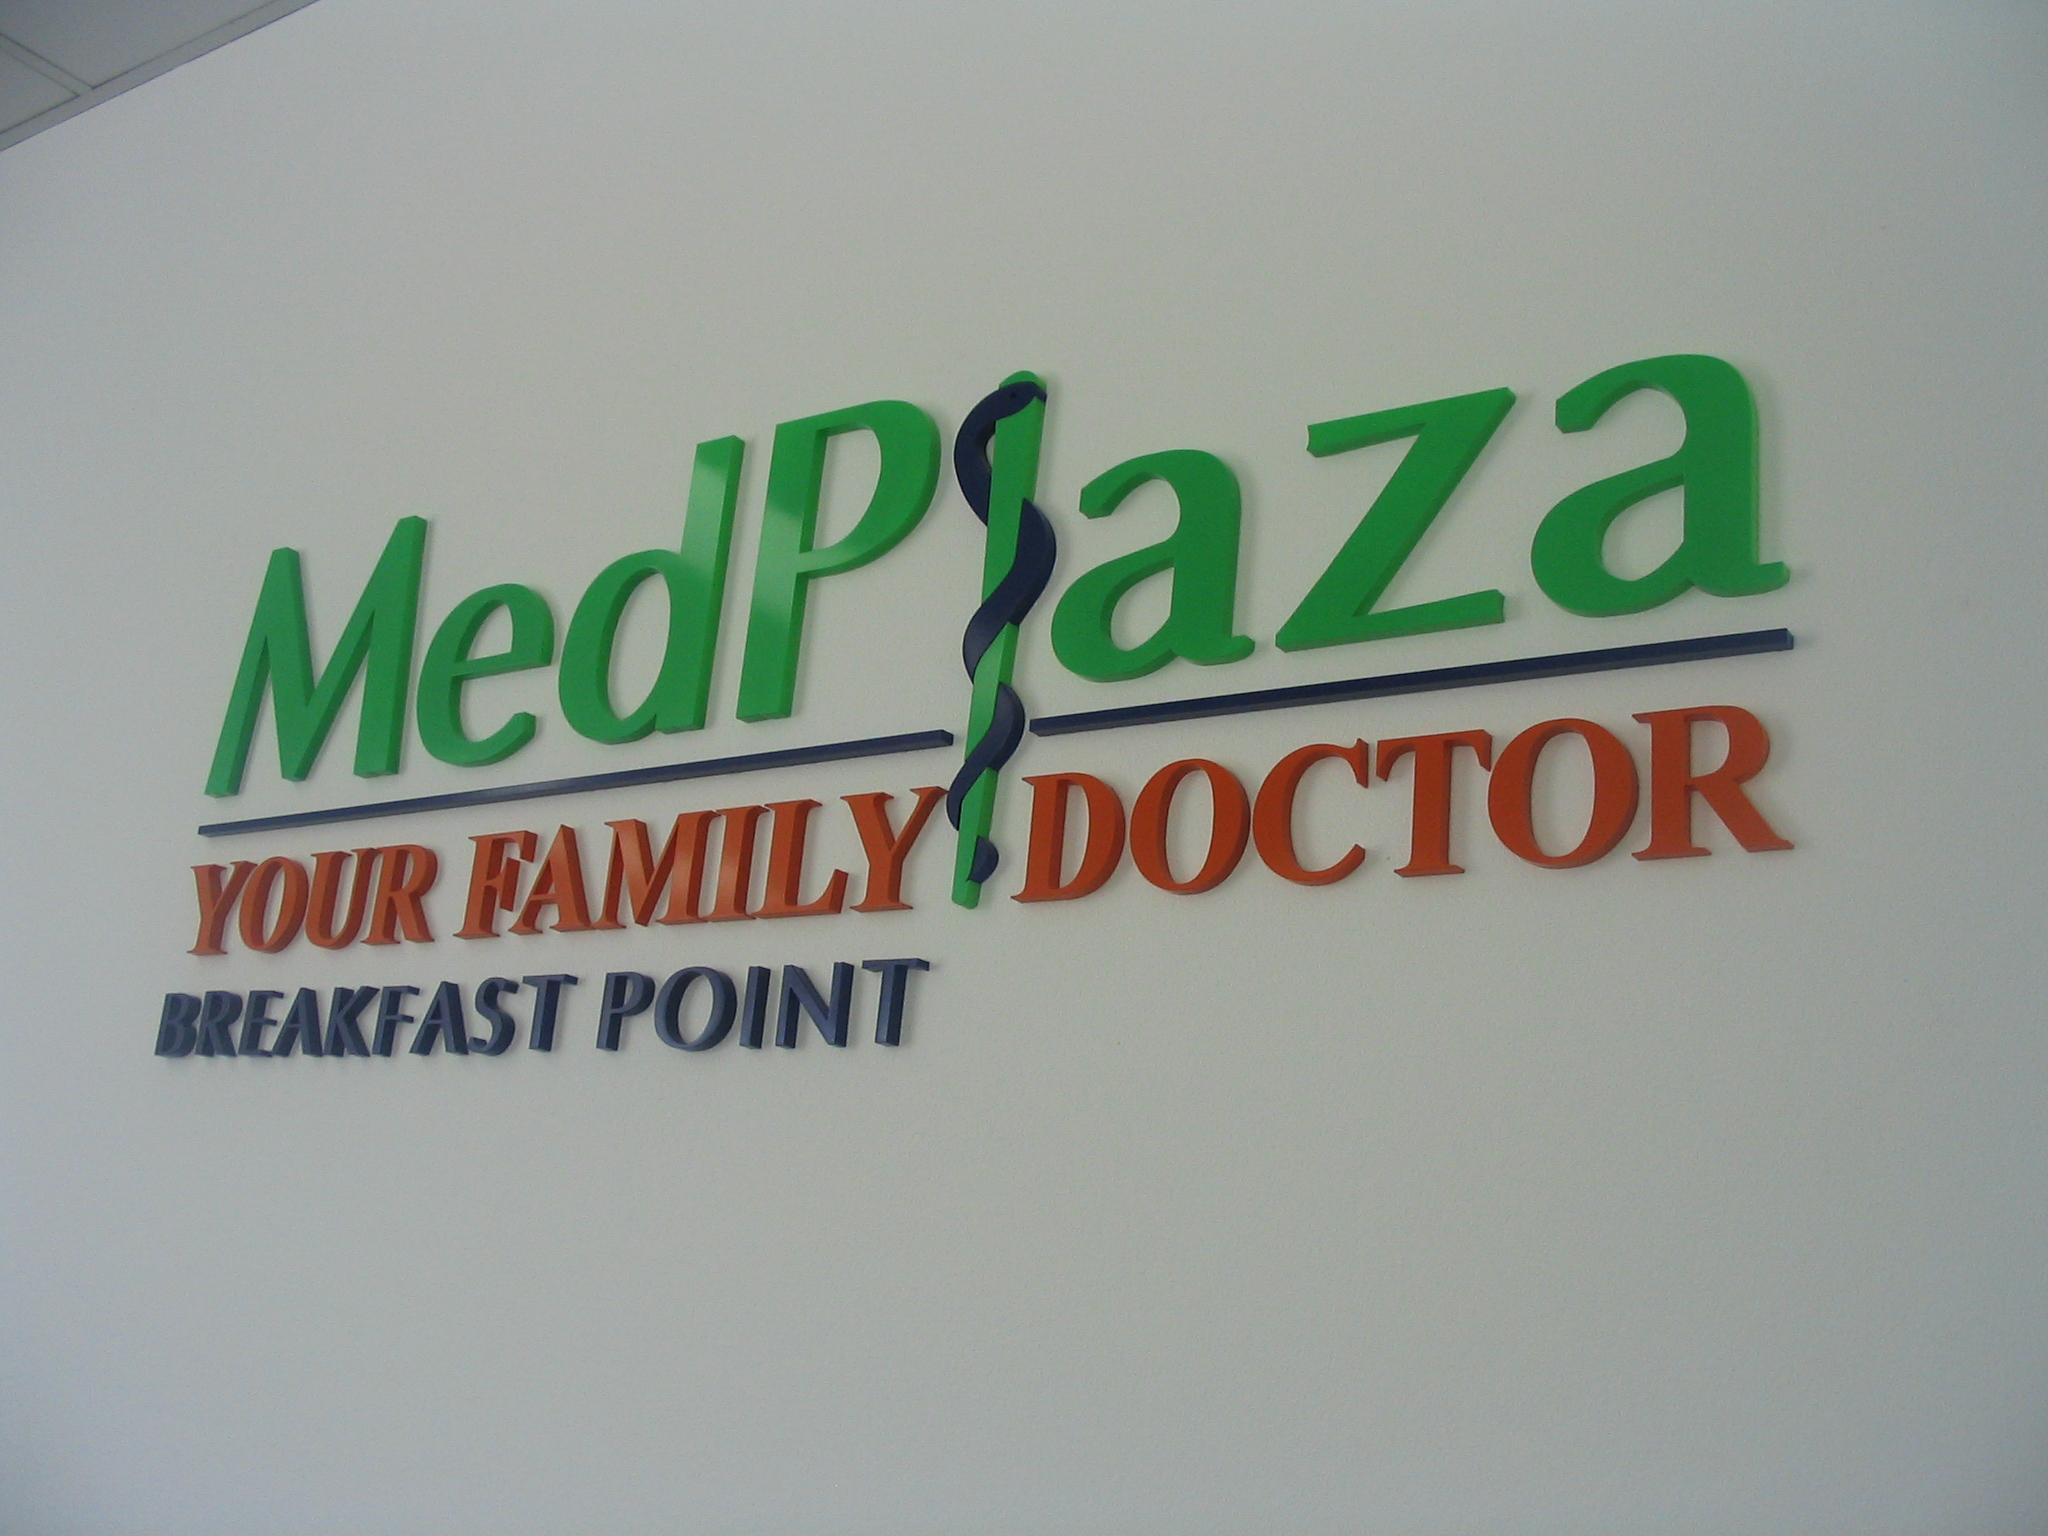 Jmac Graphics, Signage, Indoor, Office, 3D, Med Plaza